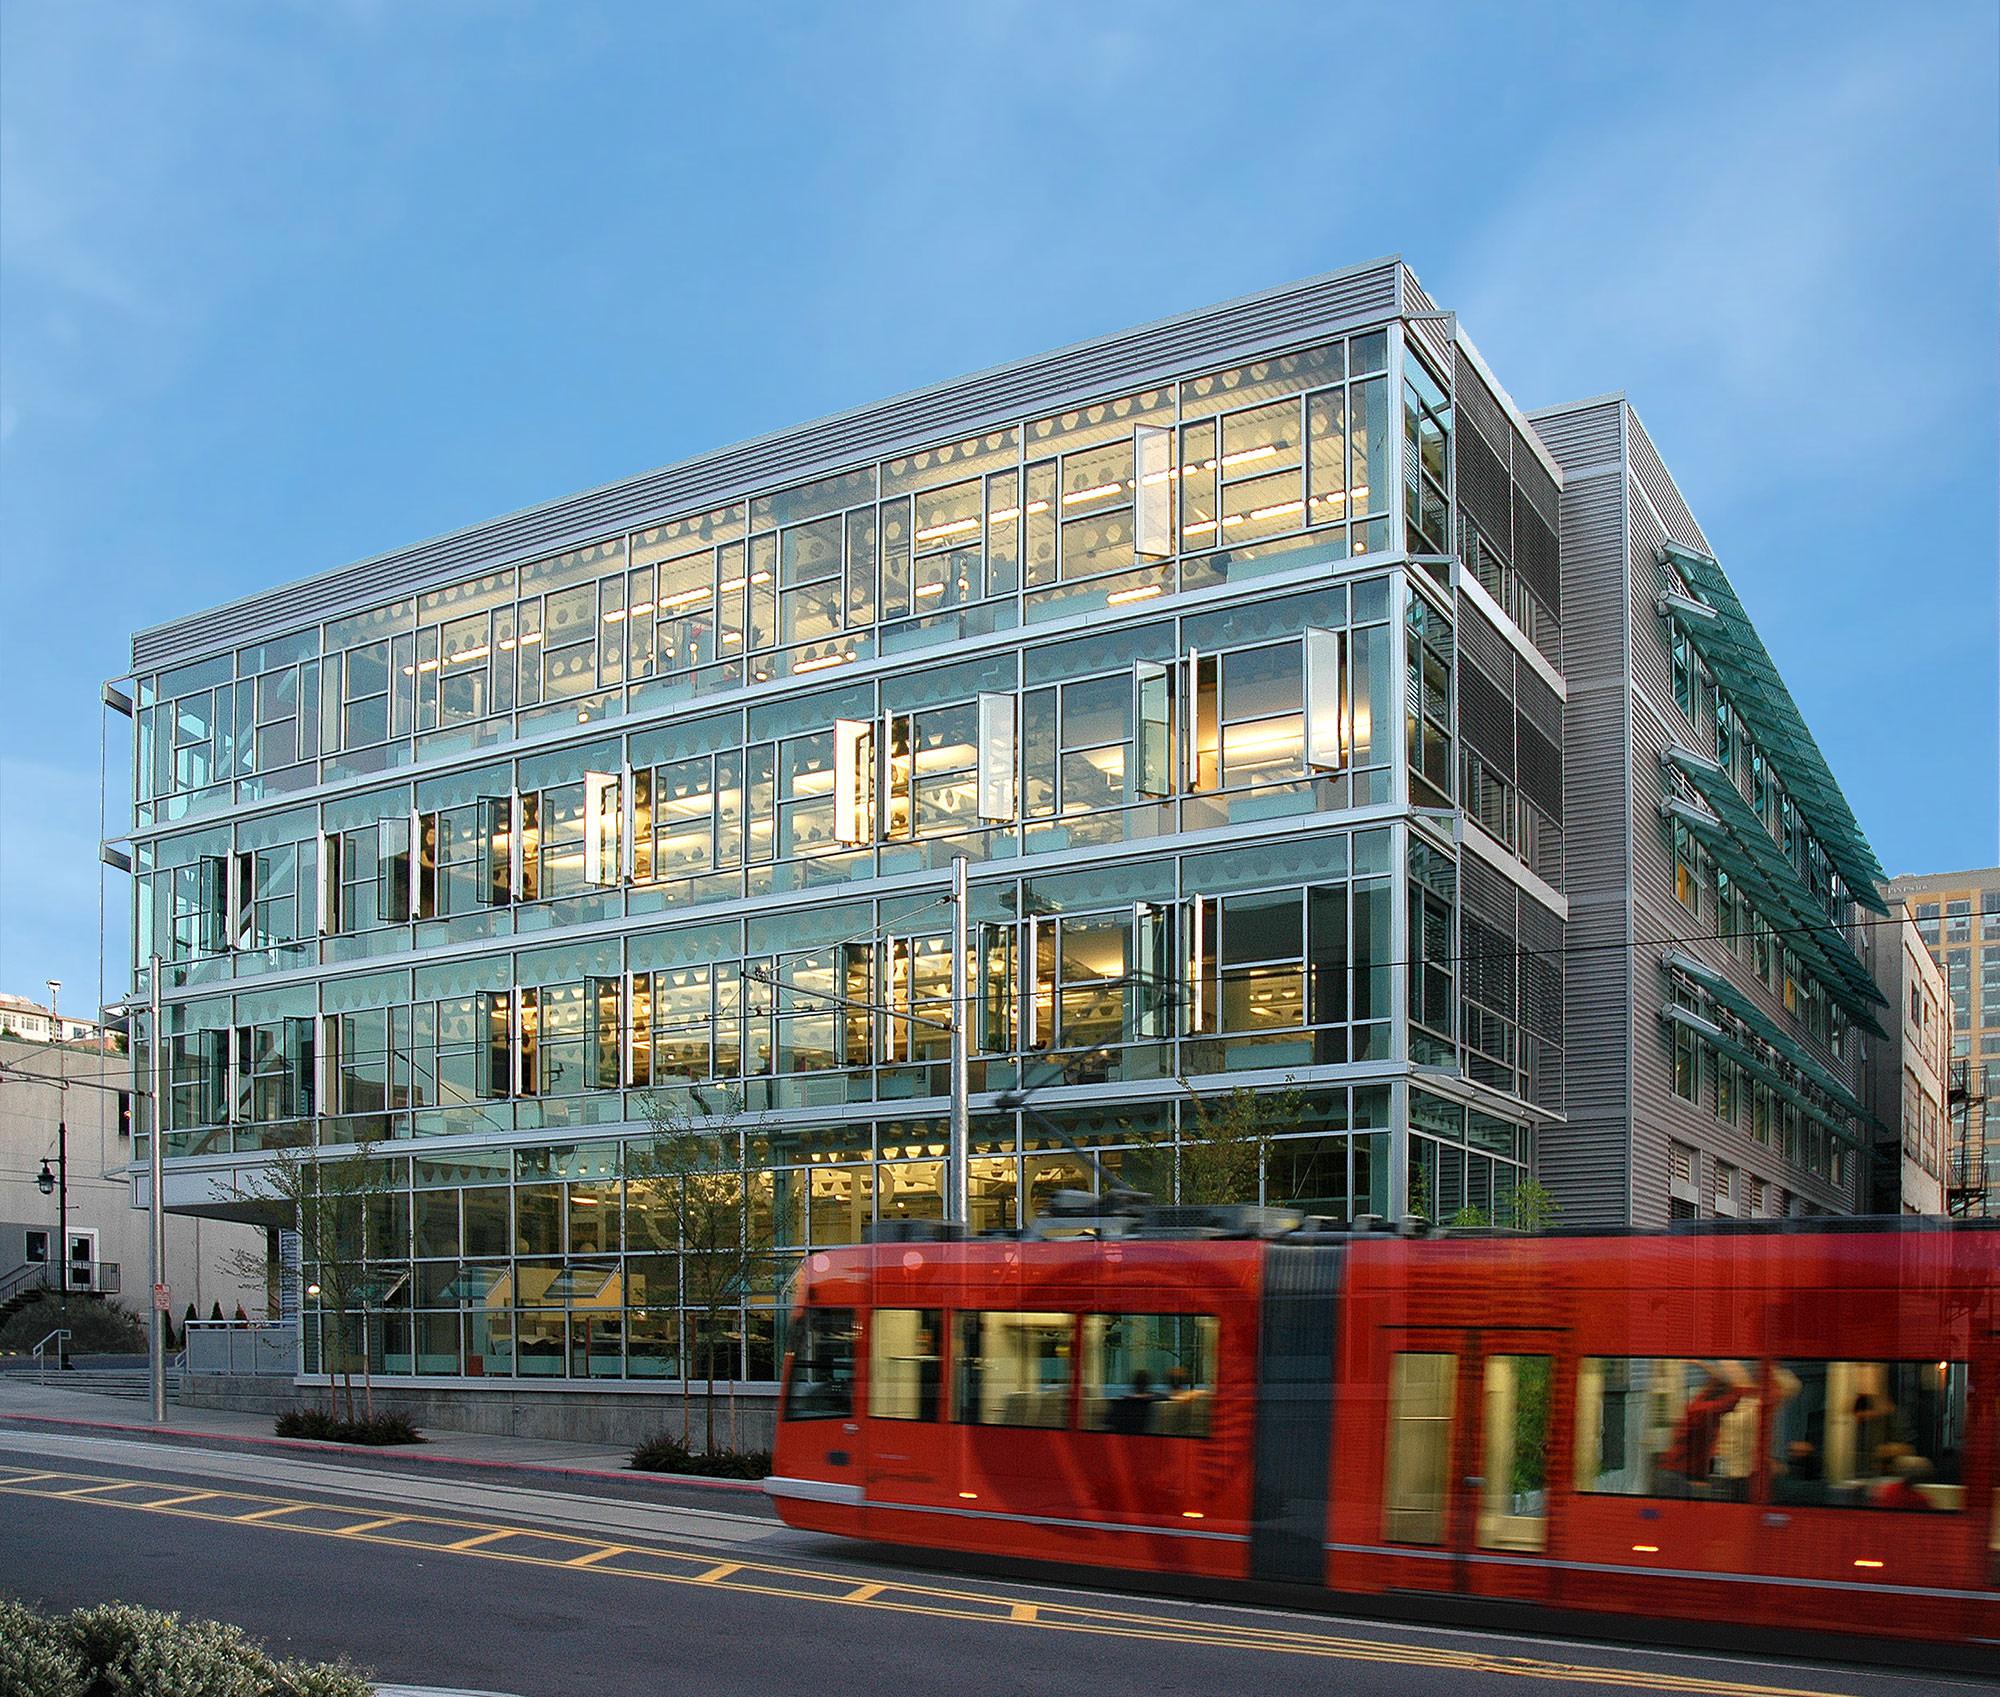 Terry Thomas Architecture